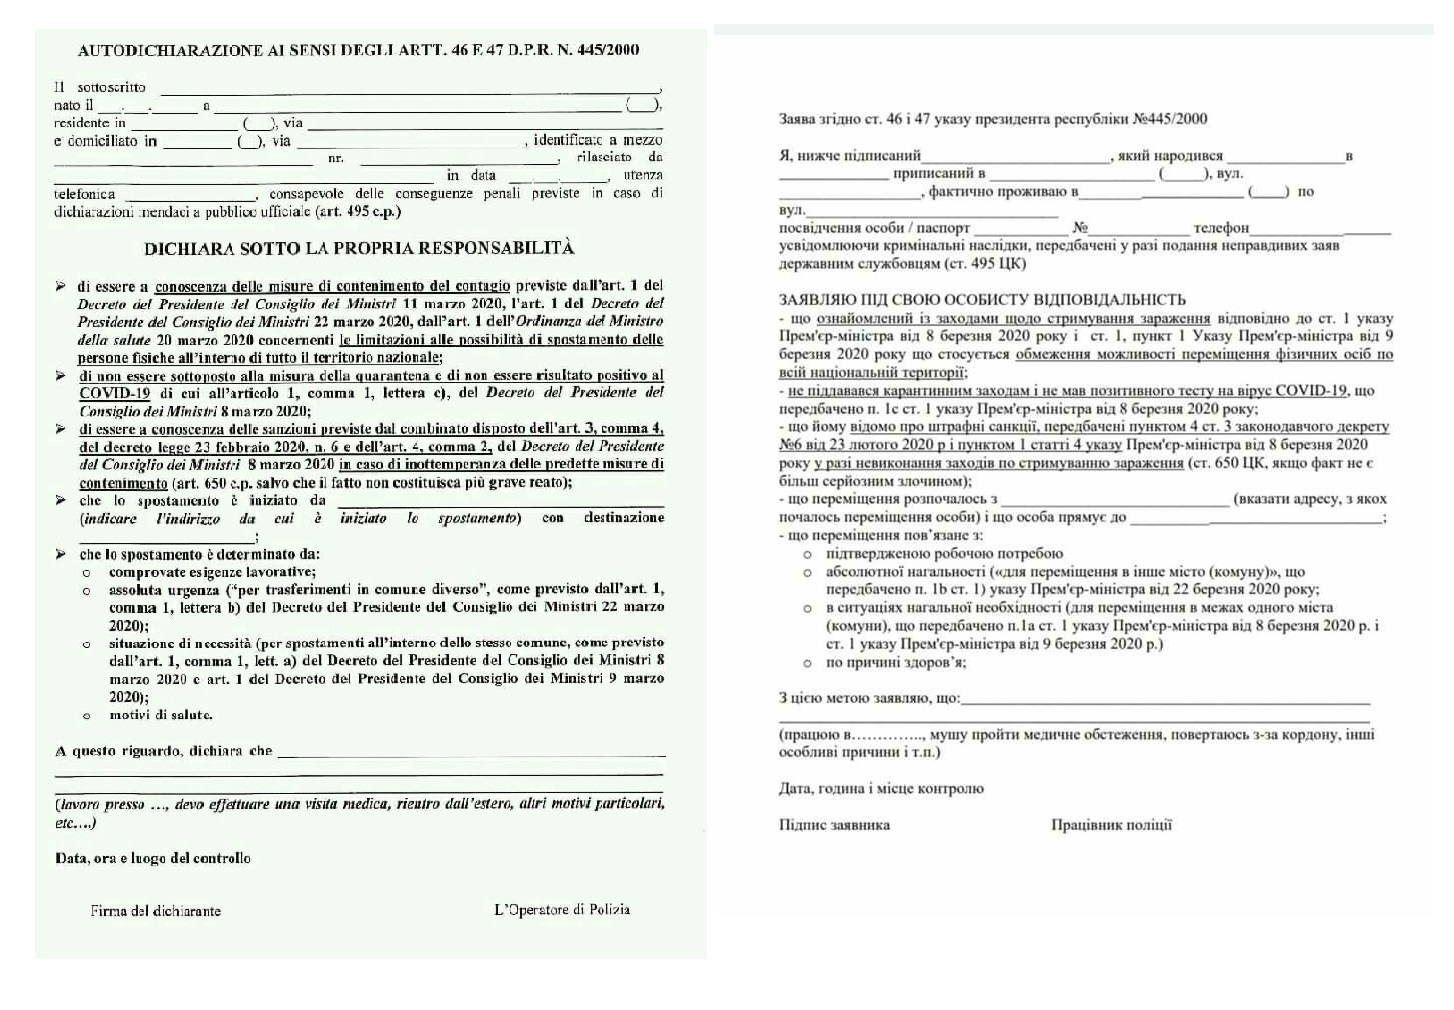 Индивидуальная декларация, фото: личный архив автора